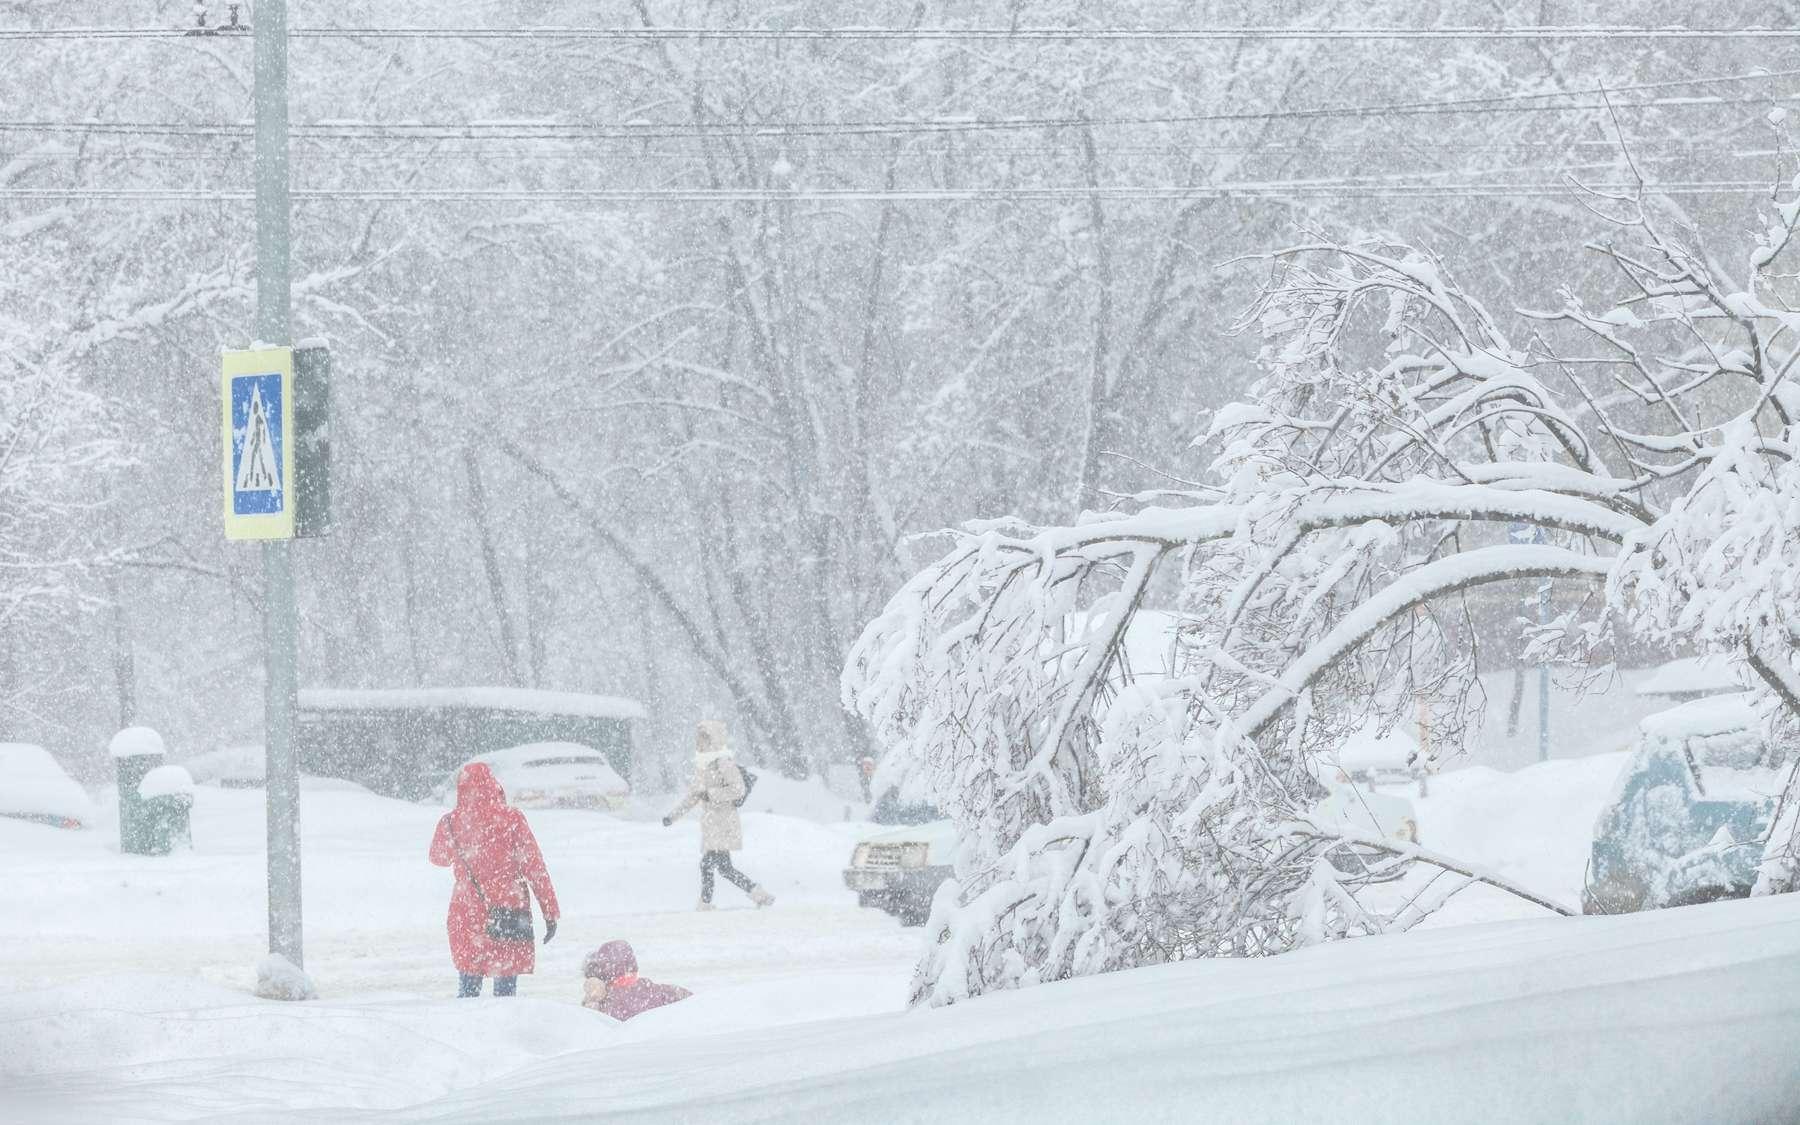 Une tempête de neige comme celle qui a frappé les États-Unis de manière inhabituelle cet hiver. © TMakotra, Adobe Stock